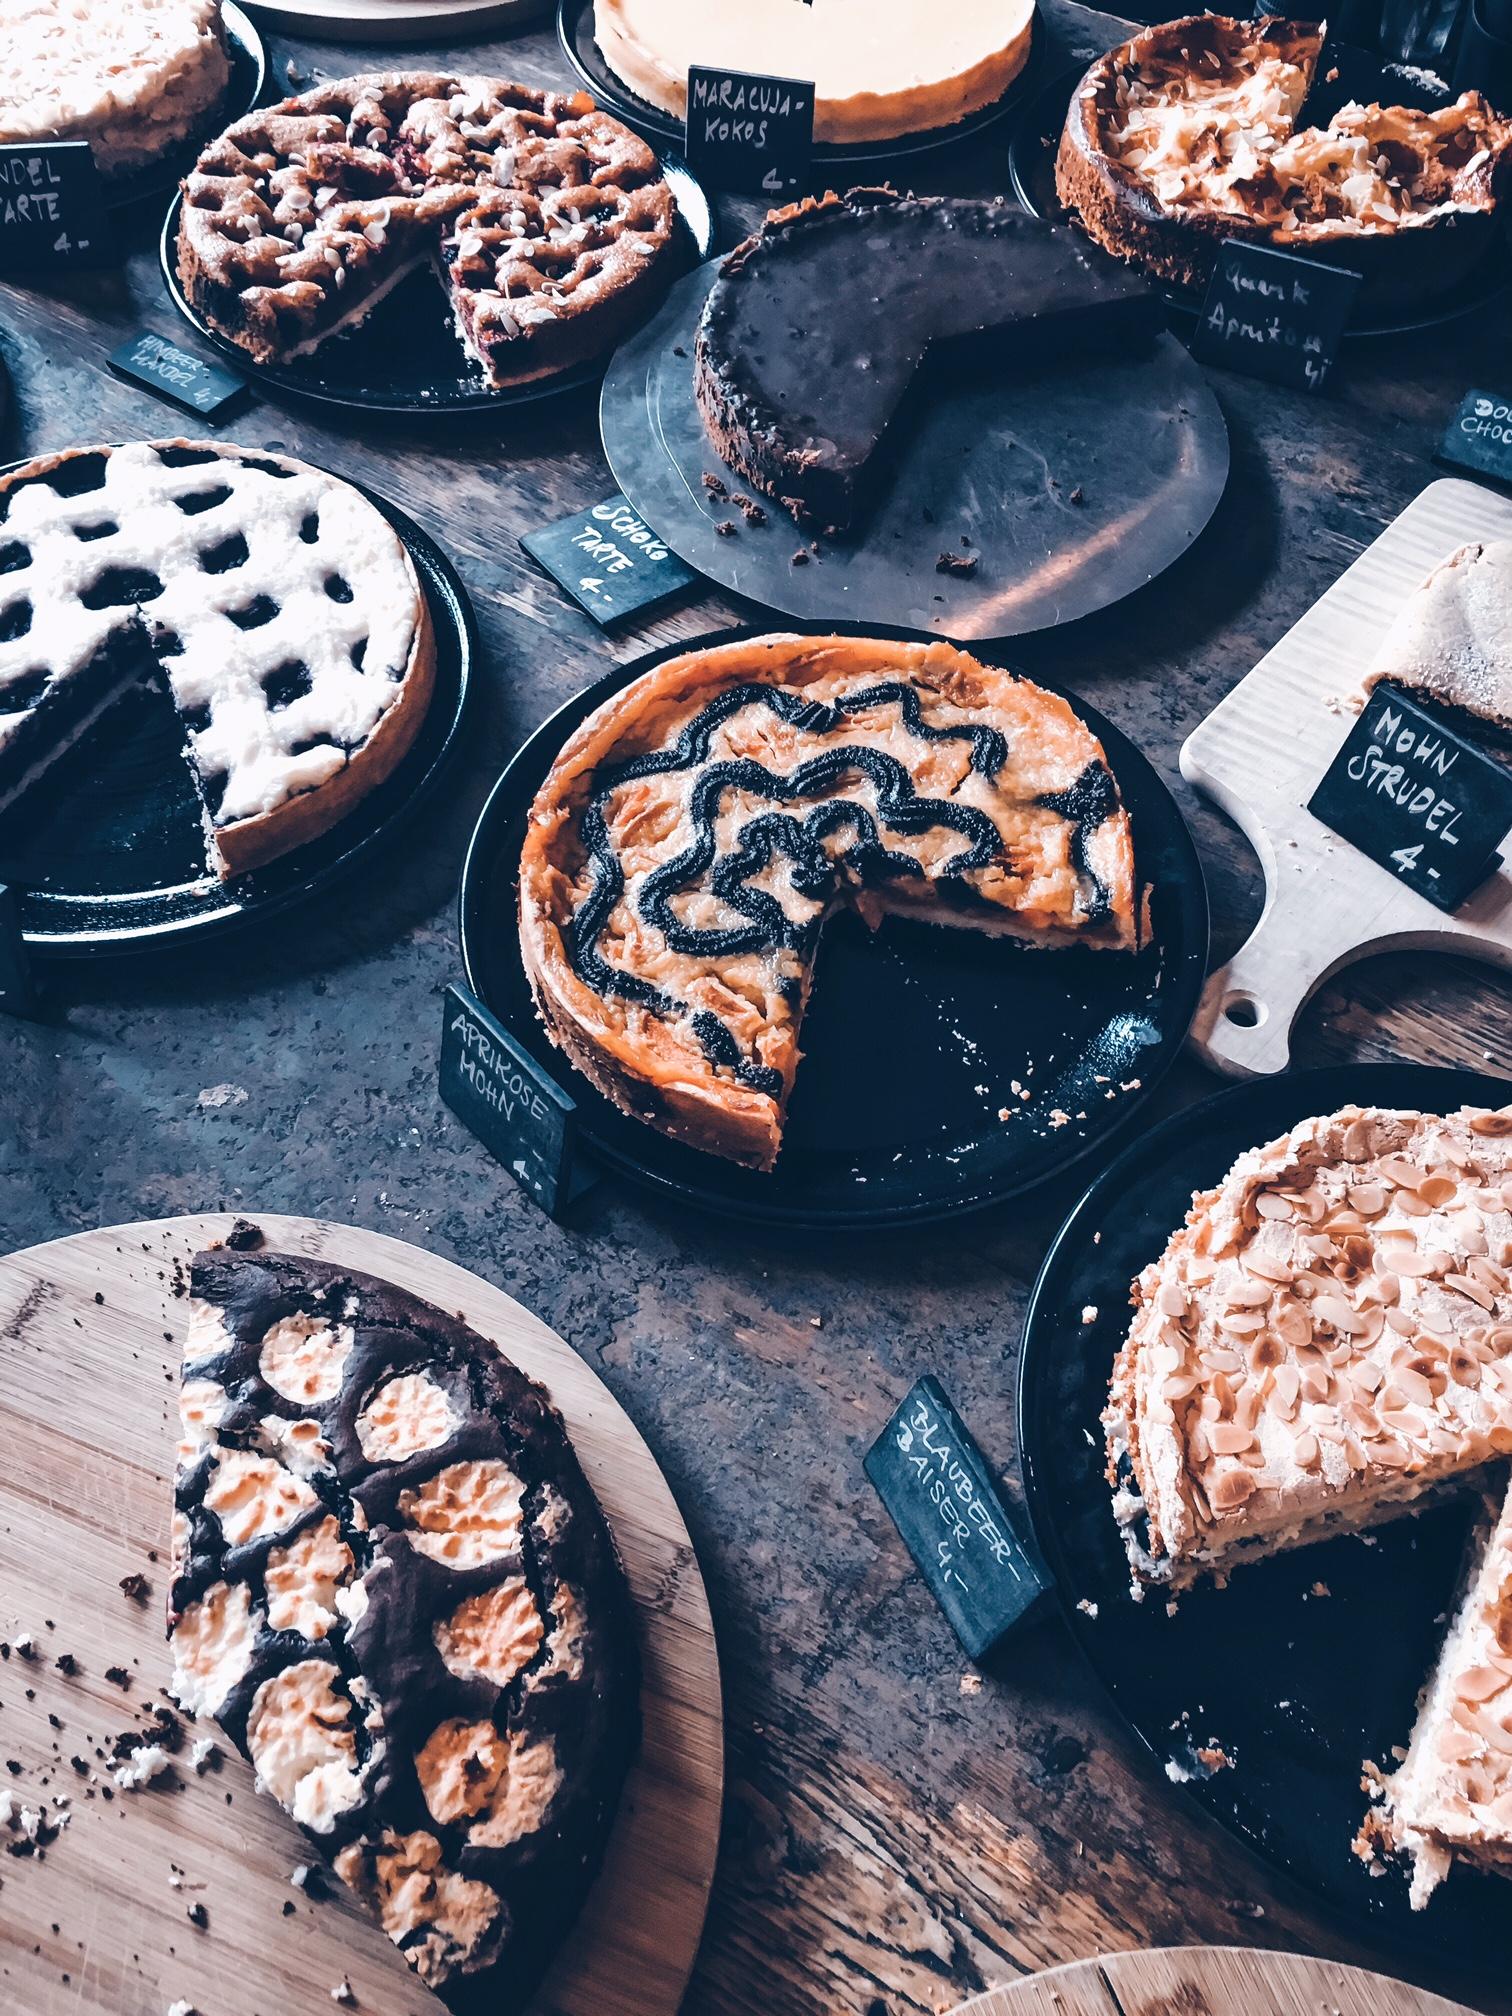 Occam deli Kuchen